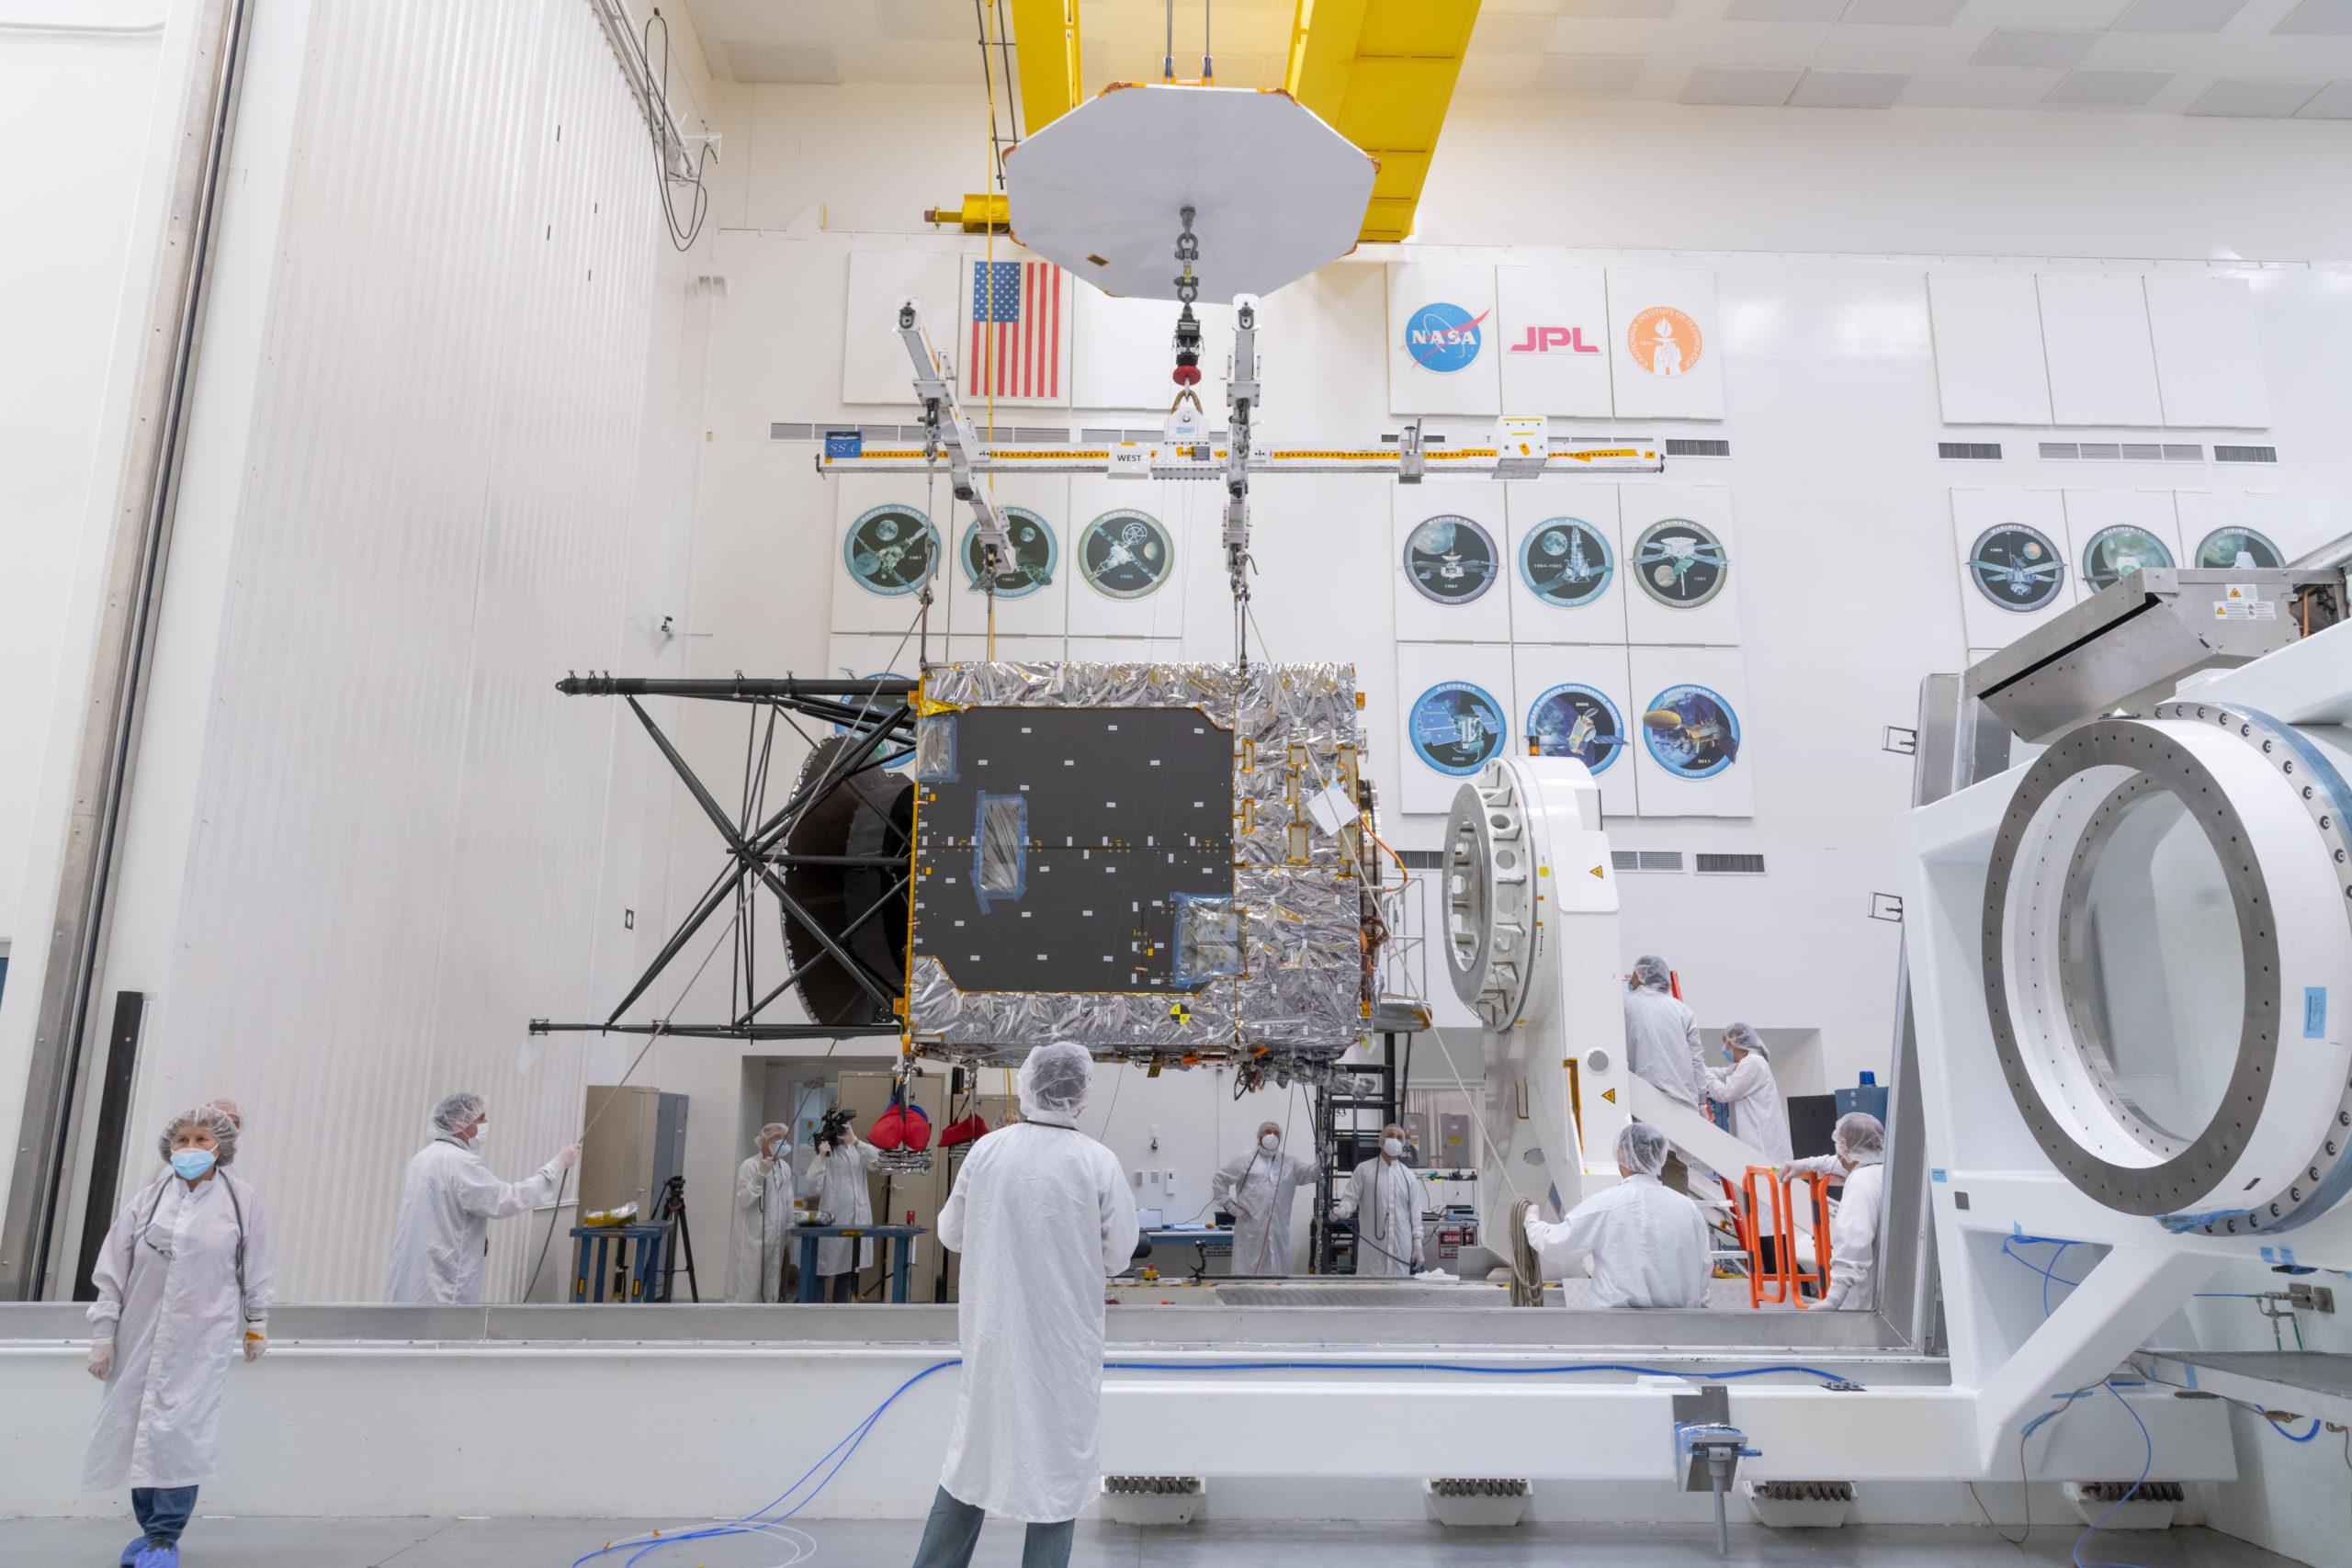 НАСА початок фінальну збірку космічного корабля для польоту на астероїд Психея